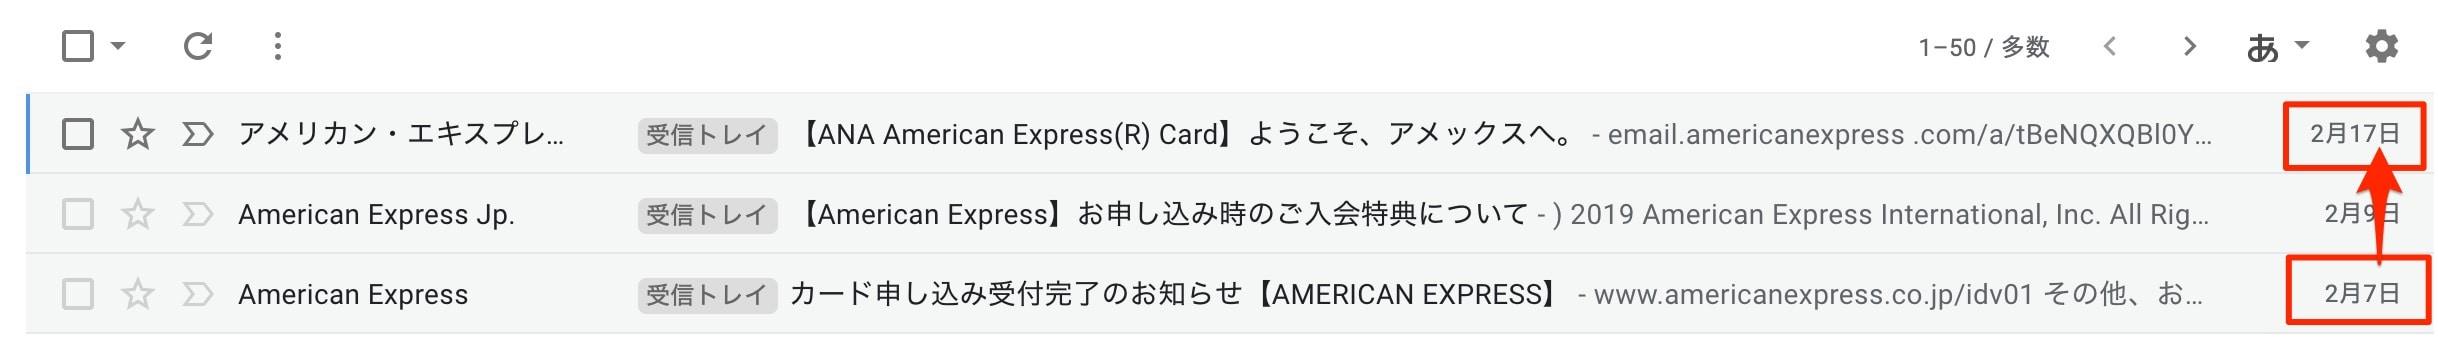 合格通知メール